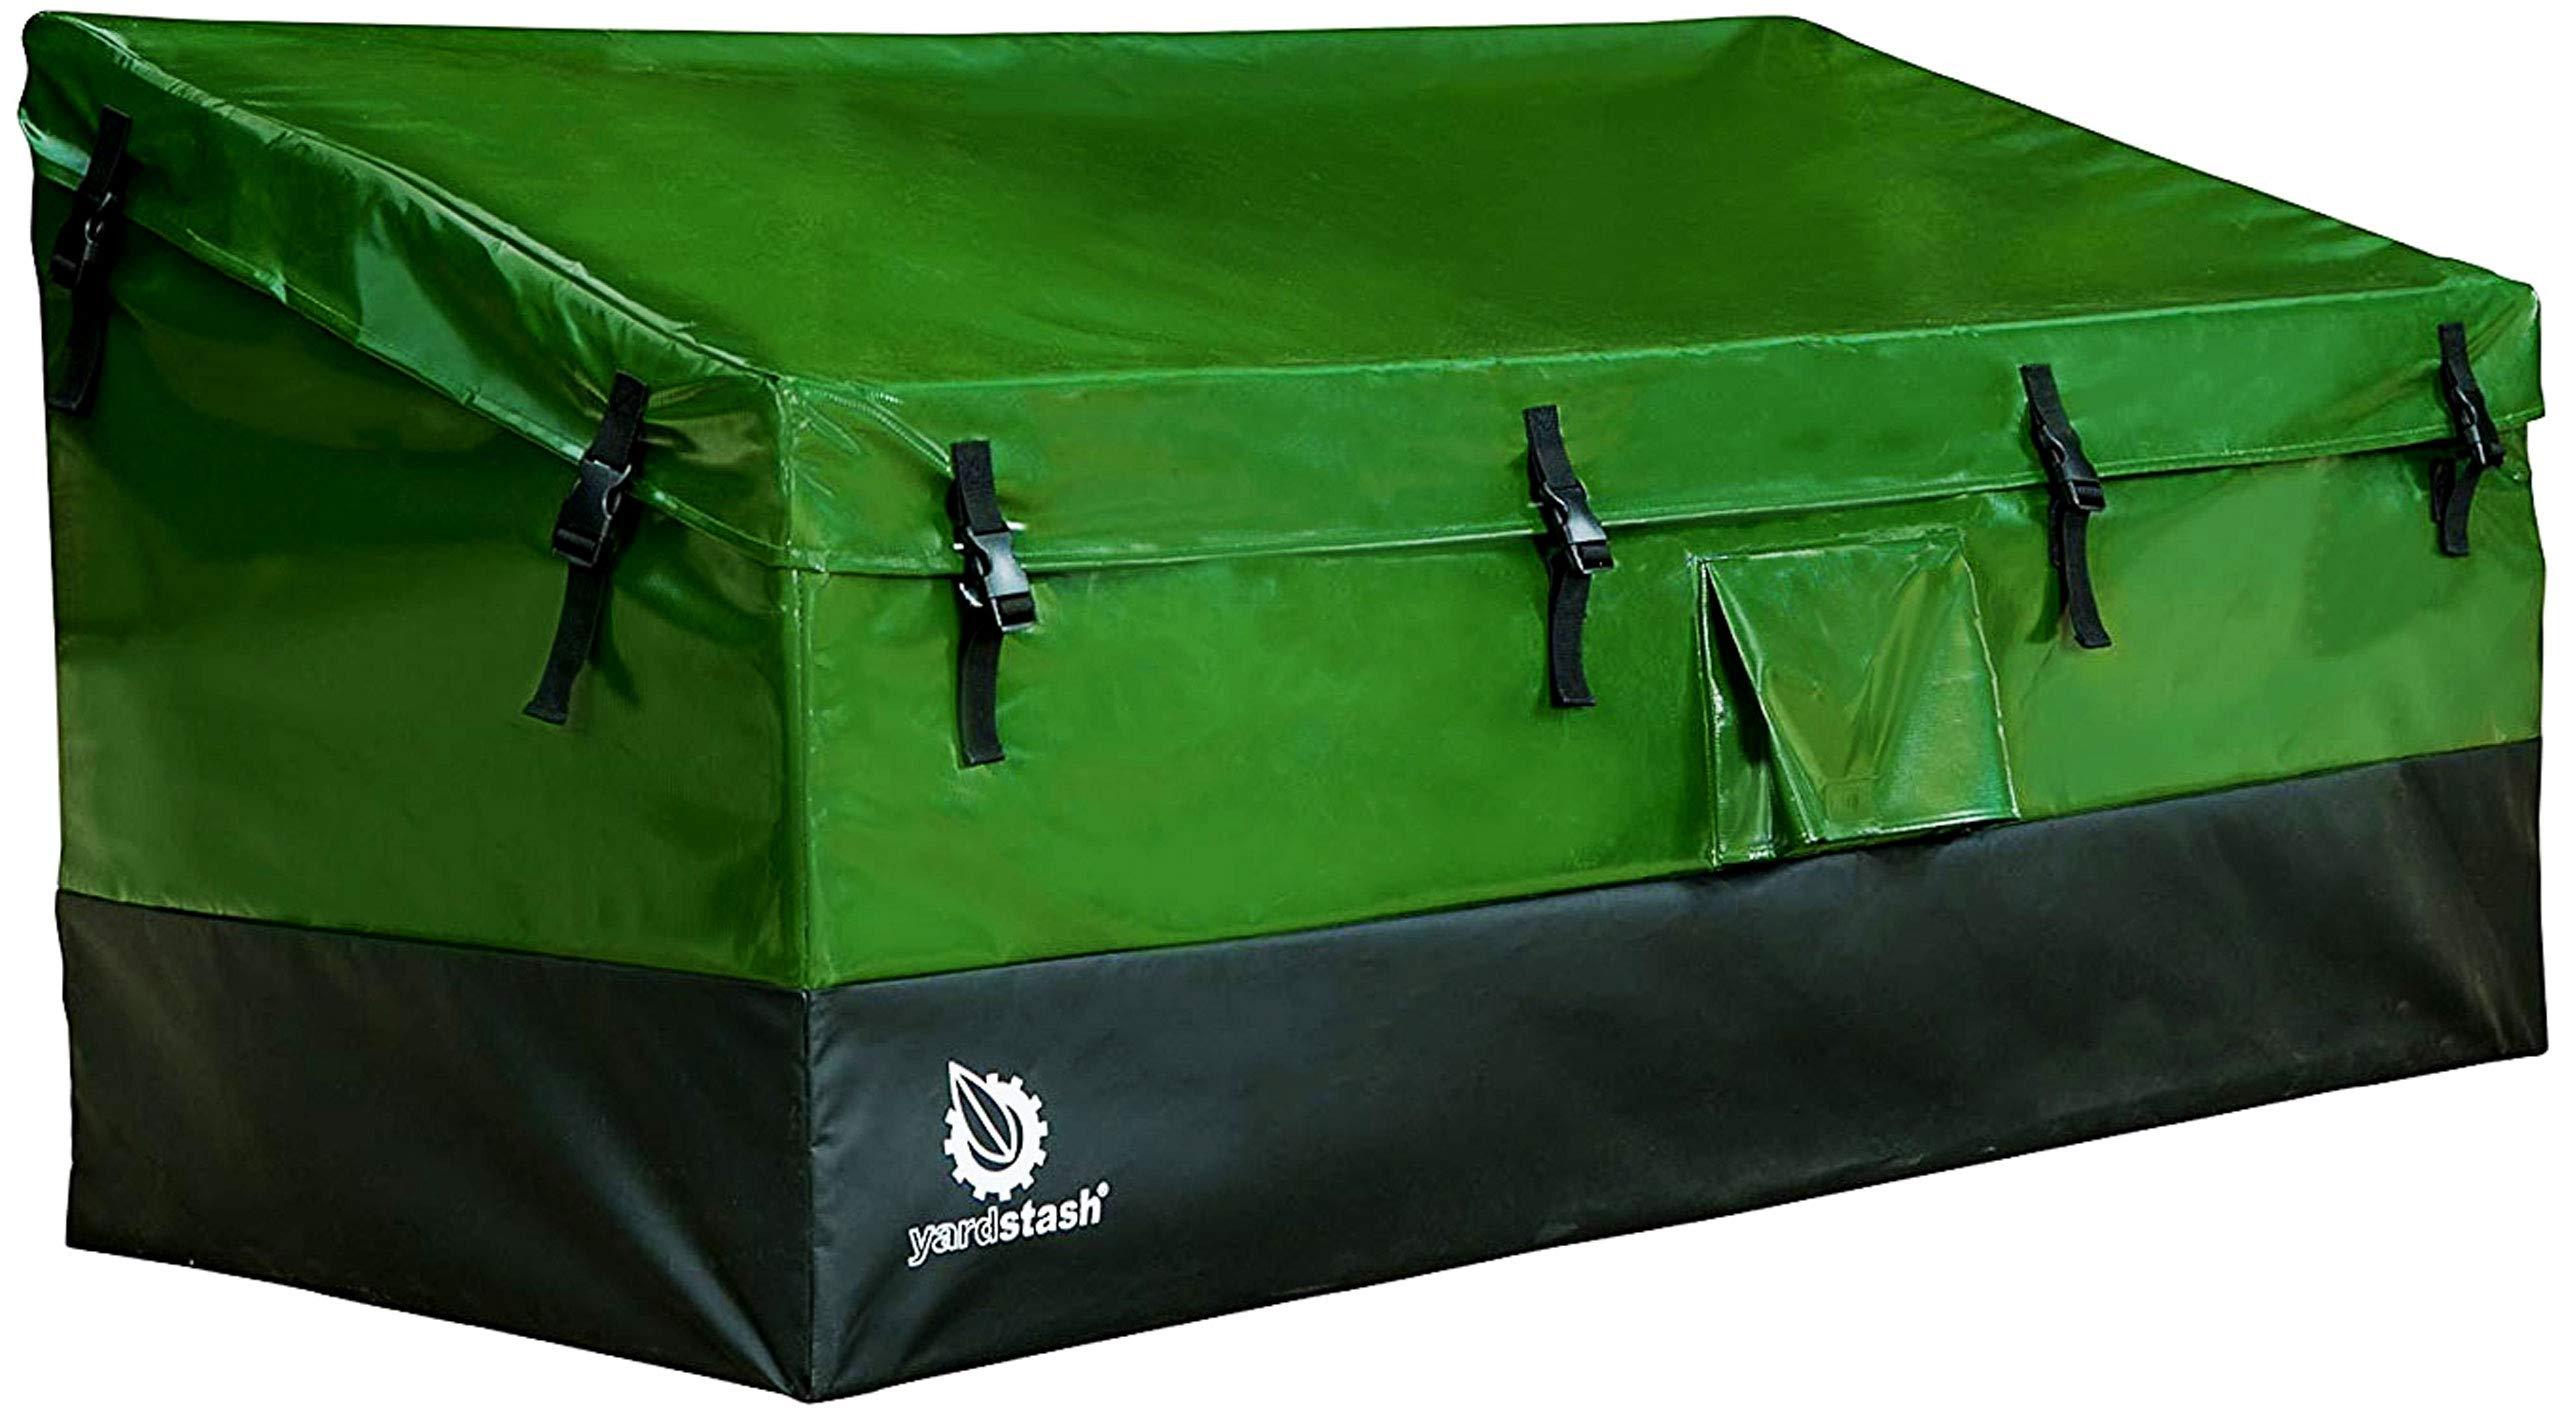 YardStash Outdoor Storage Deck Box